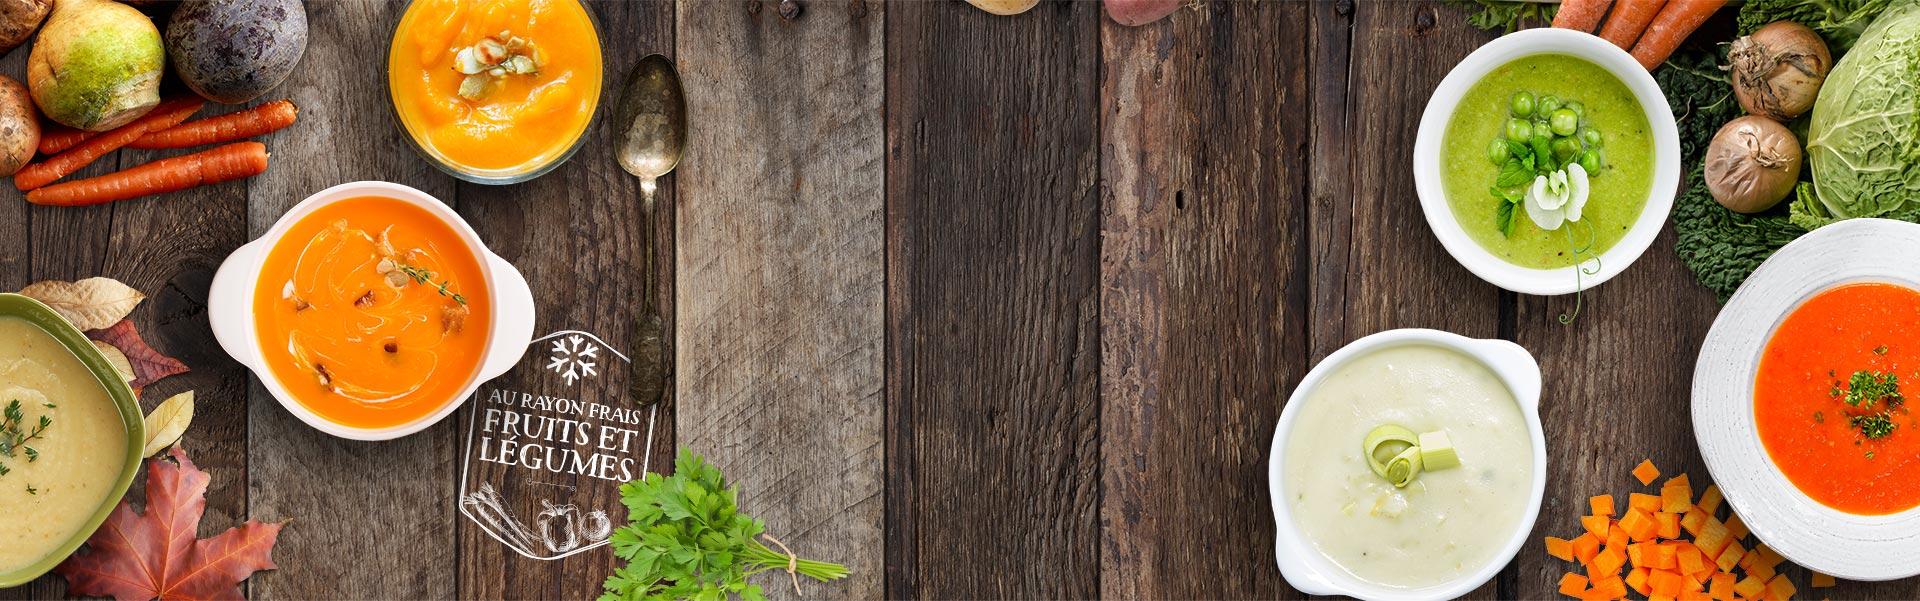 Les soupes Créaline : de délicieuses soupes de légumes au rayon frais